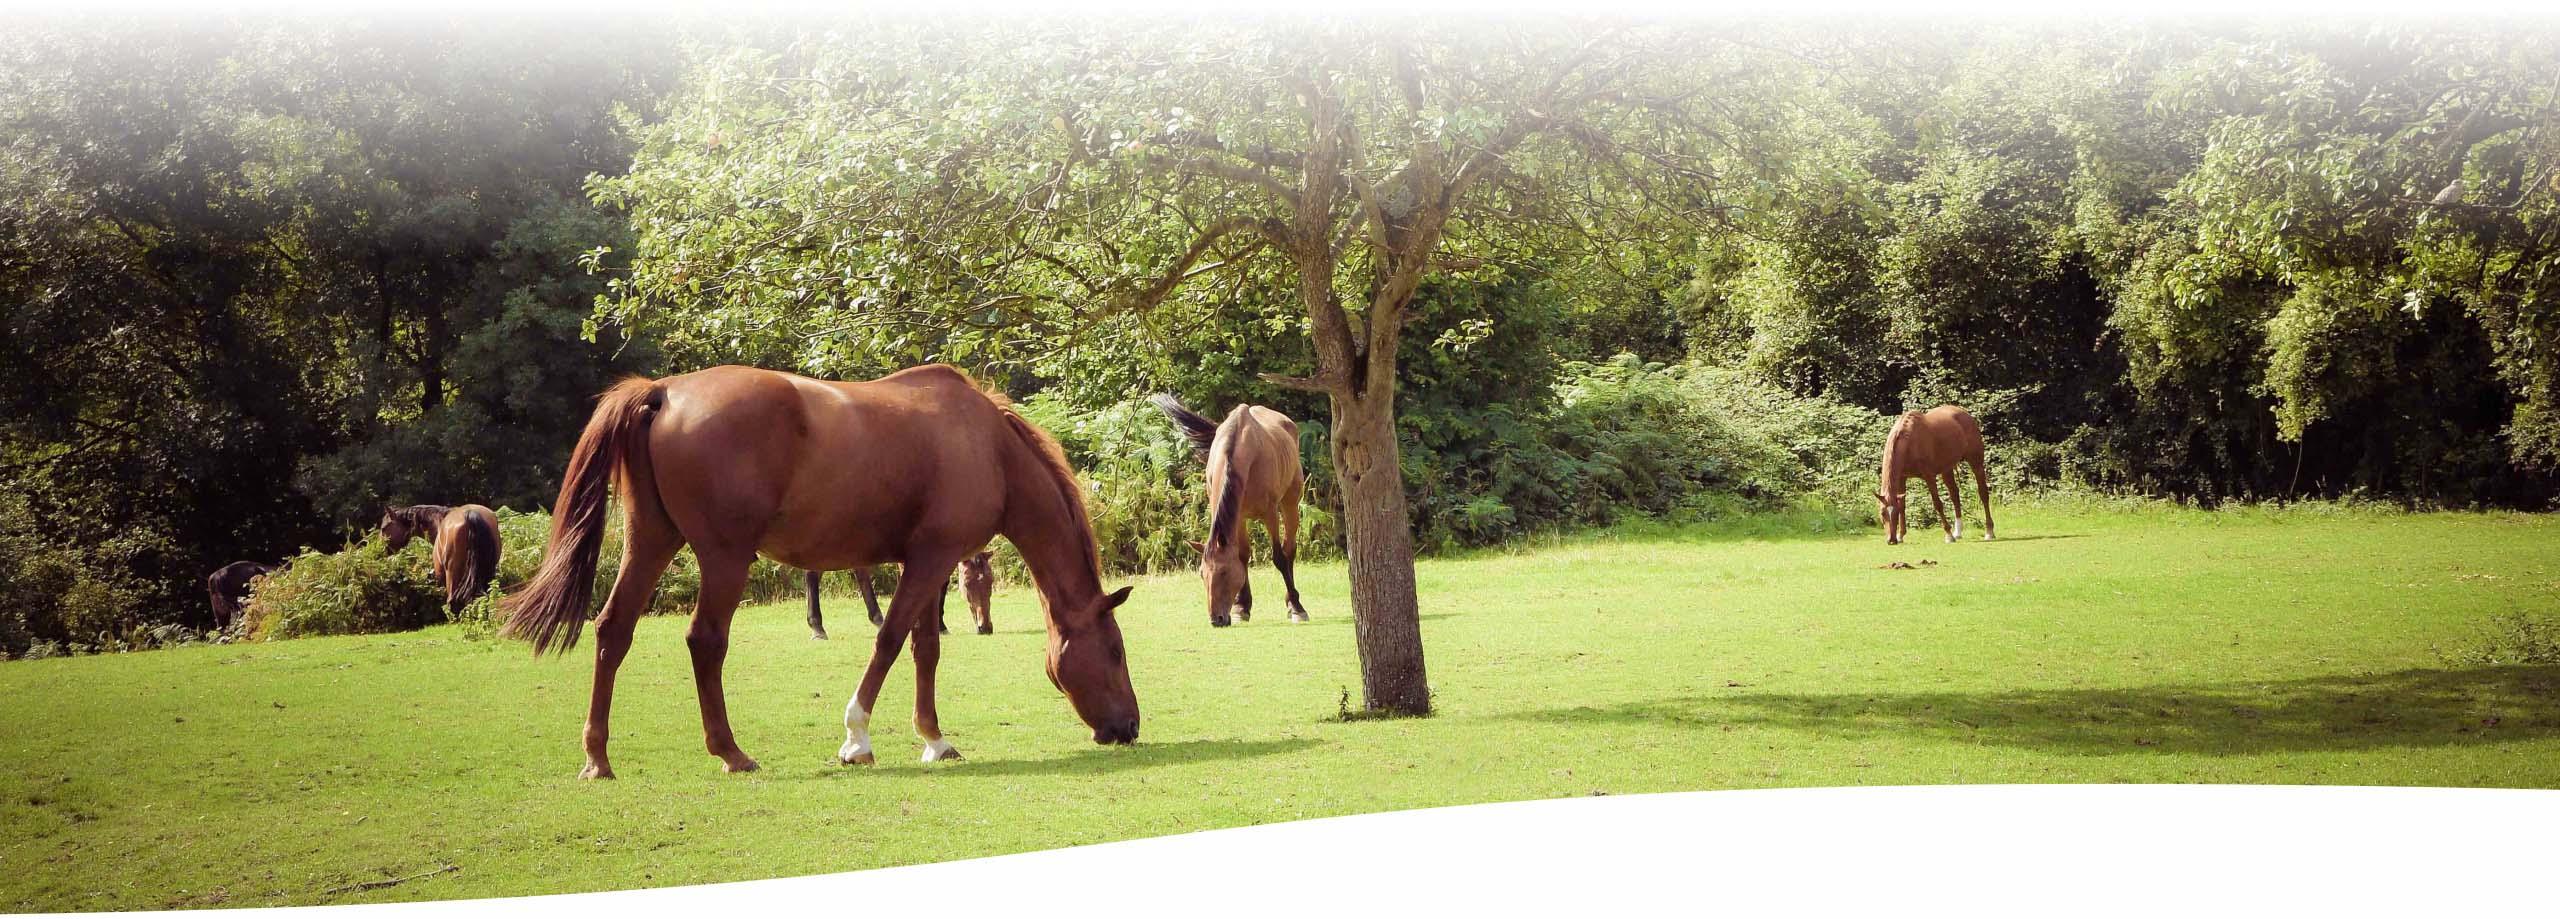 Retraite des chevaux de la garde Républicaine en Normandie